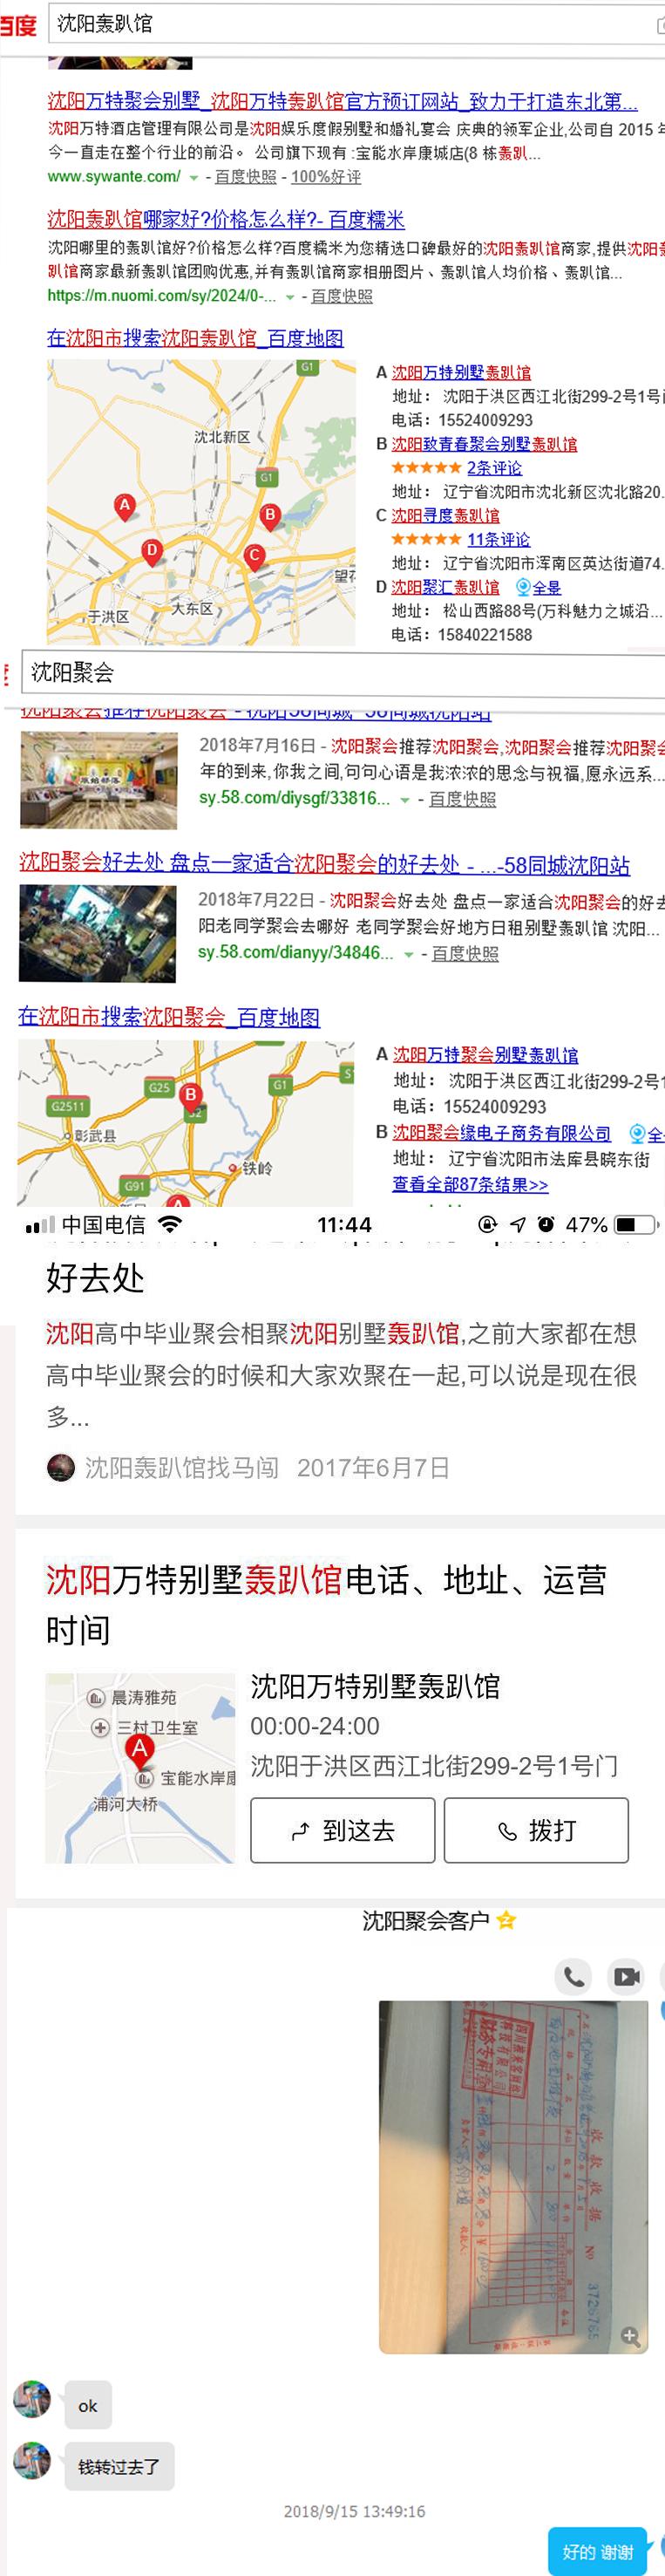 沈阳聚会百度地图排名案例.jpg